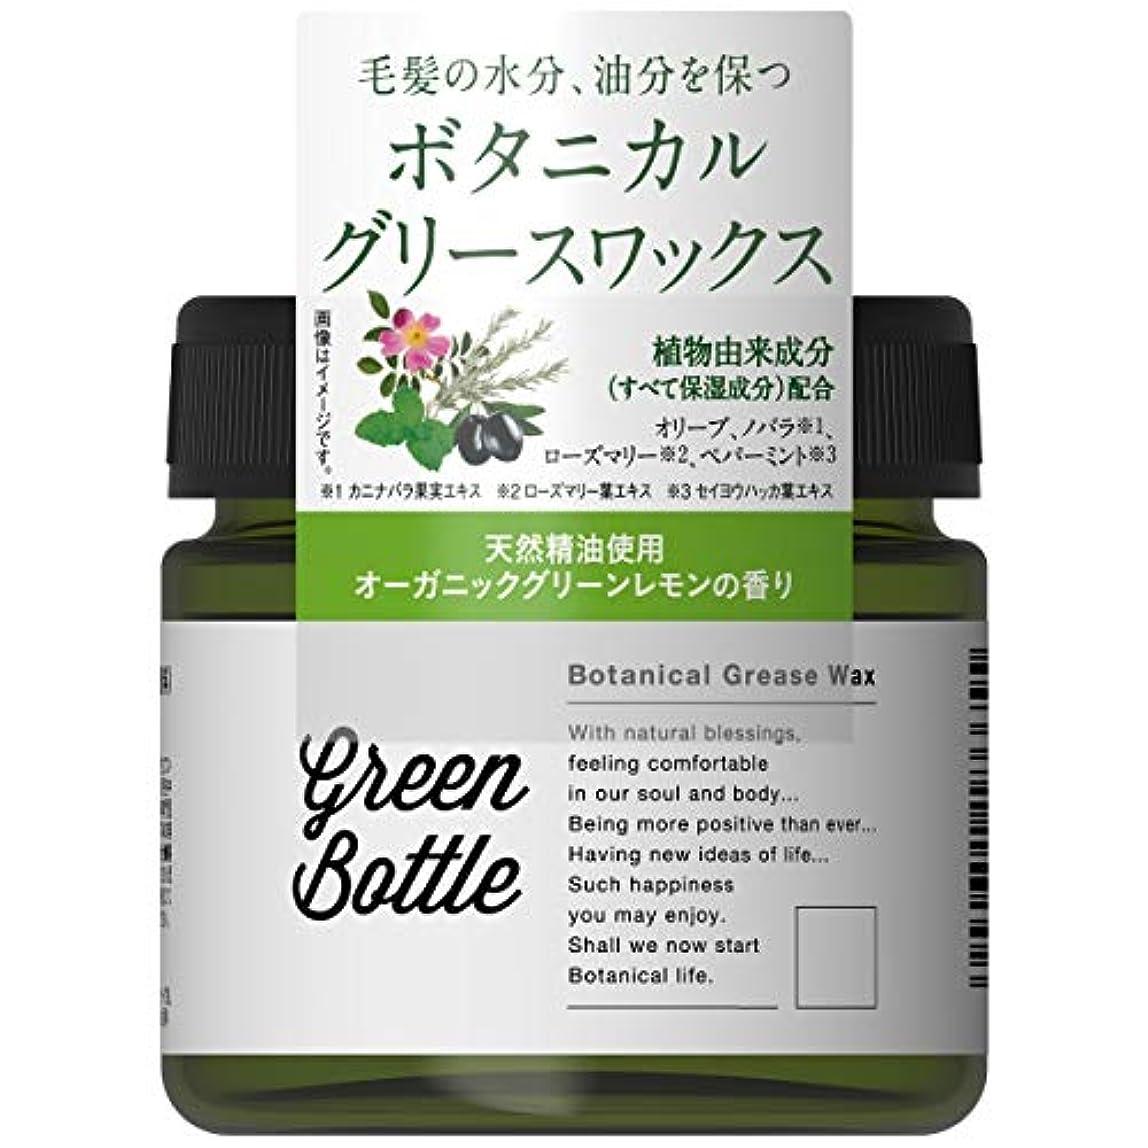 現実にはうっかり委任するグリーンボトルボタニカルヘアワックス